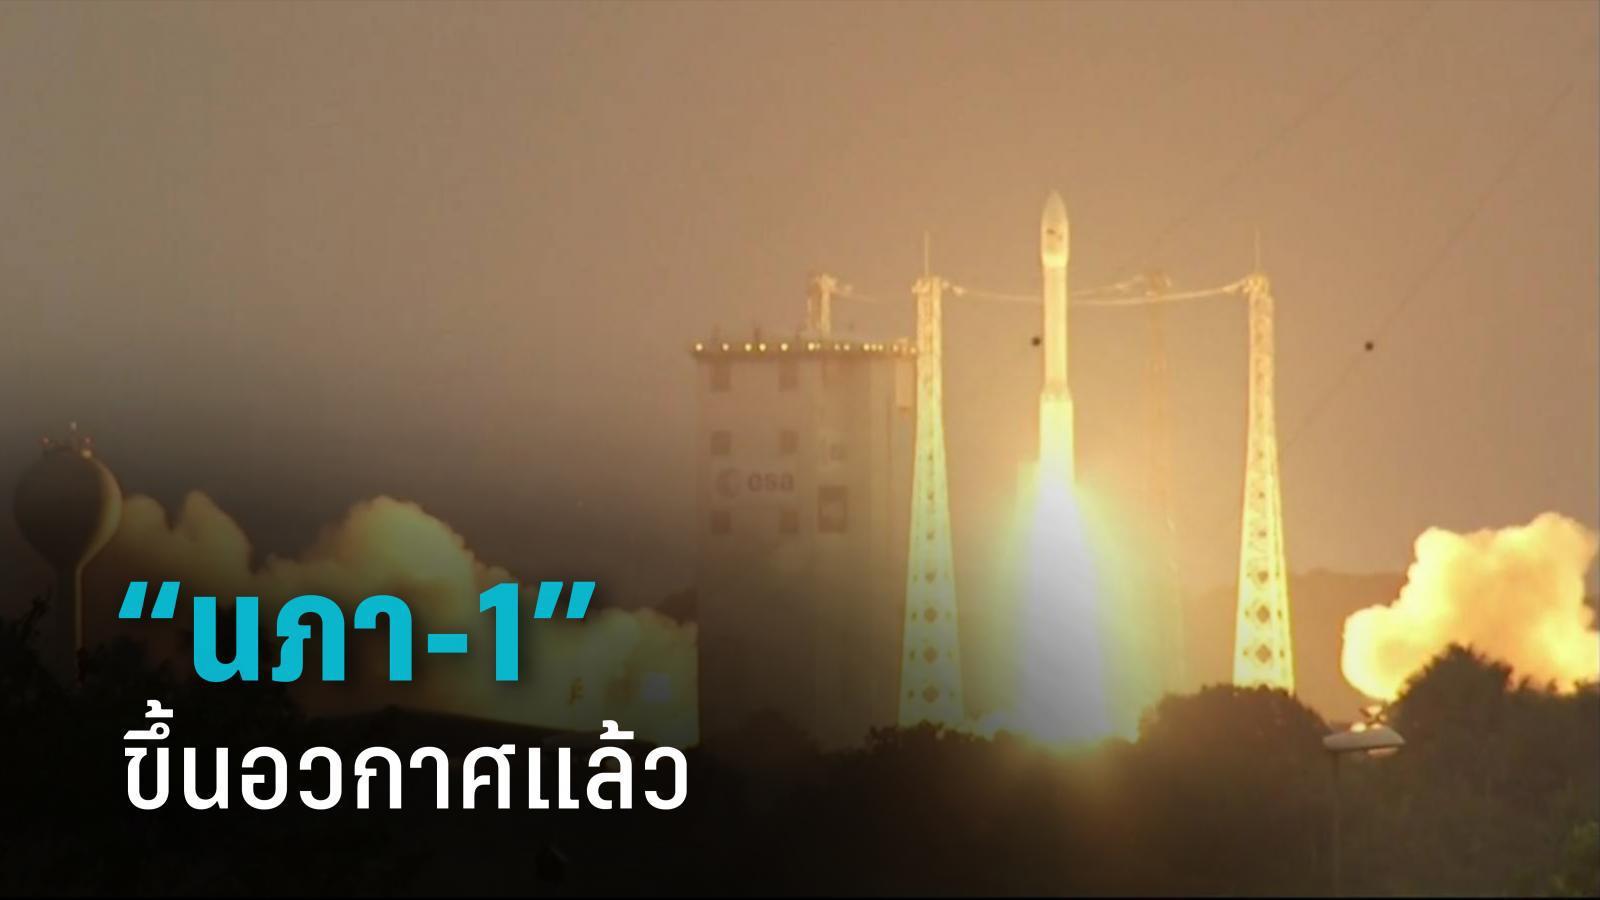 """""""นภา-1"""" ดาวเทียมดวงแรกของทัพฟ้าไทย ขึ้นสู่อวกาศสำเร็จแล้ว"""